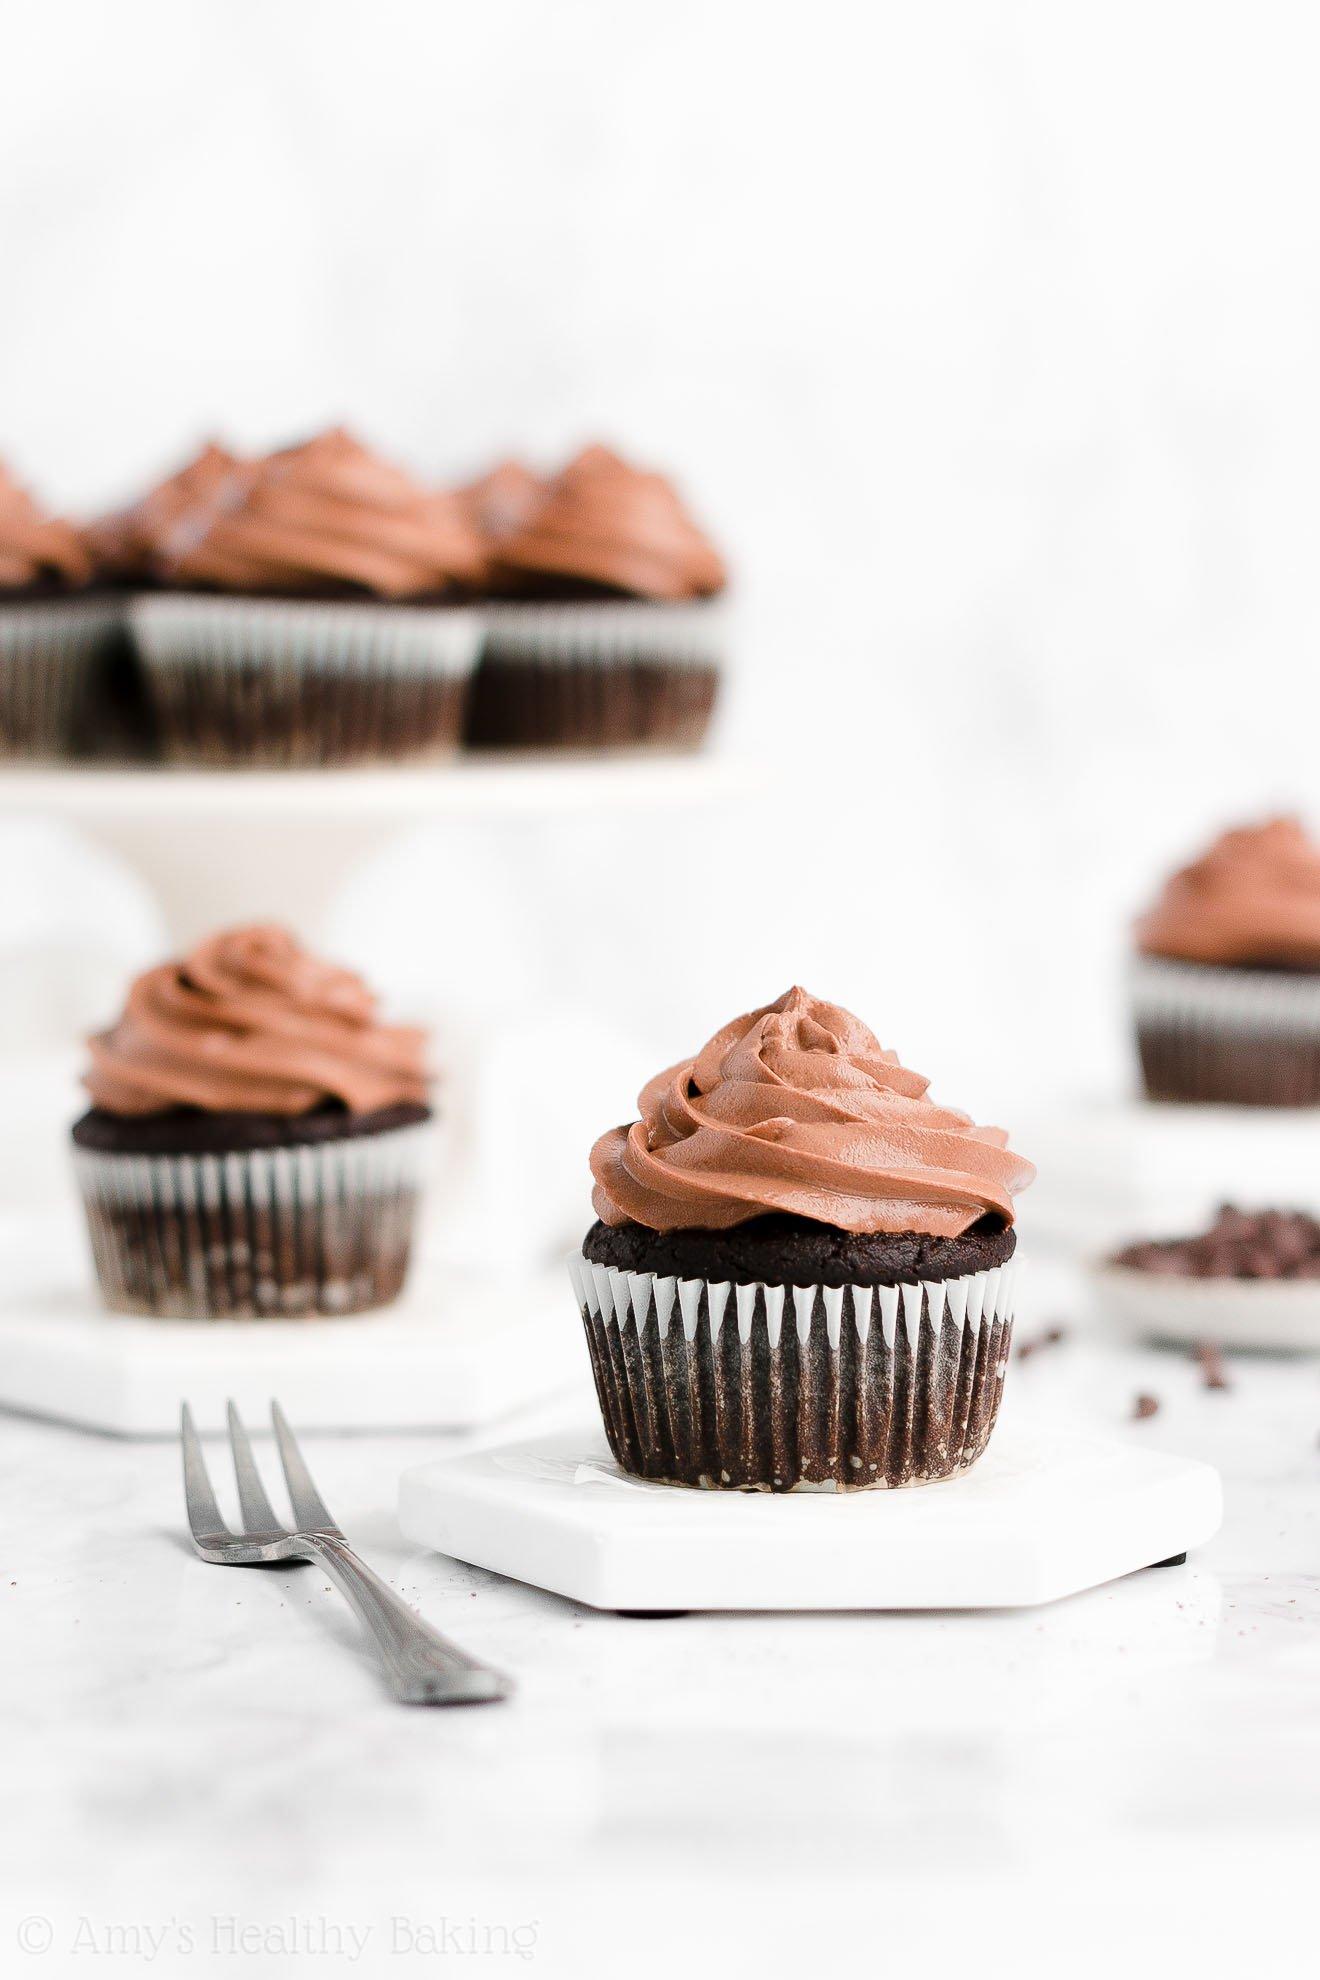 Best Easy Healthy Gluten Free Super Moist One-Bowl Dark Chocolate Cupcakes